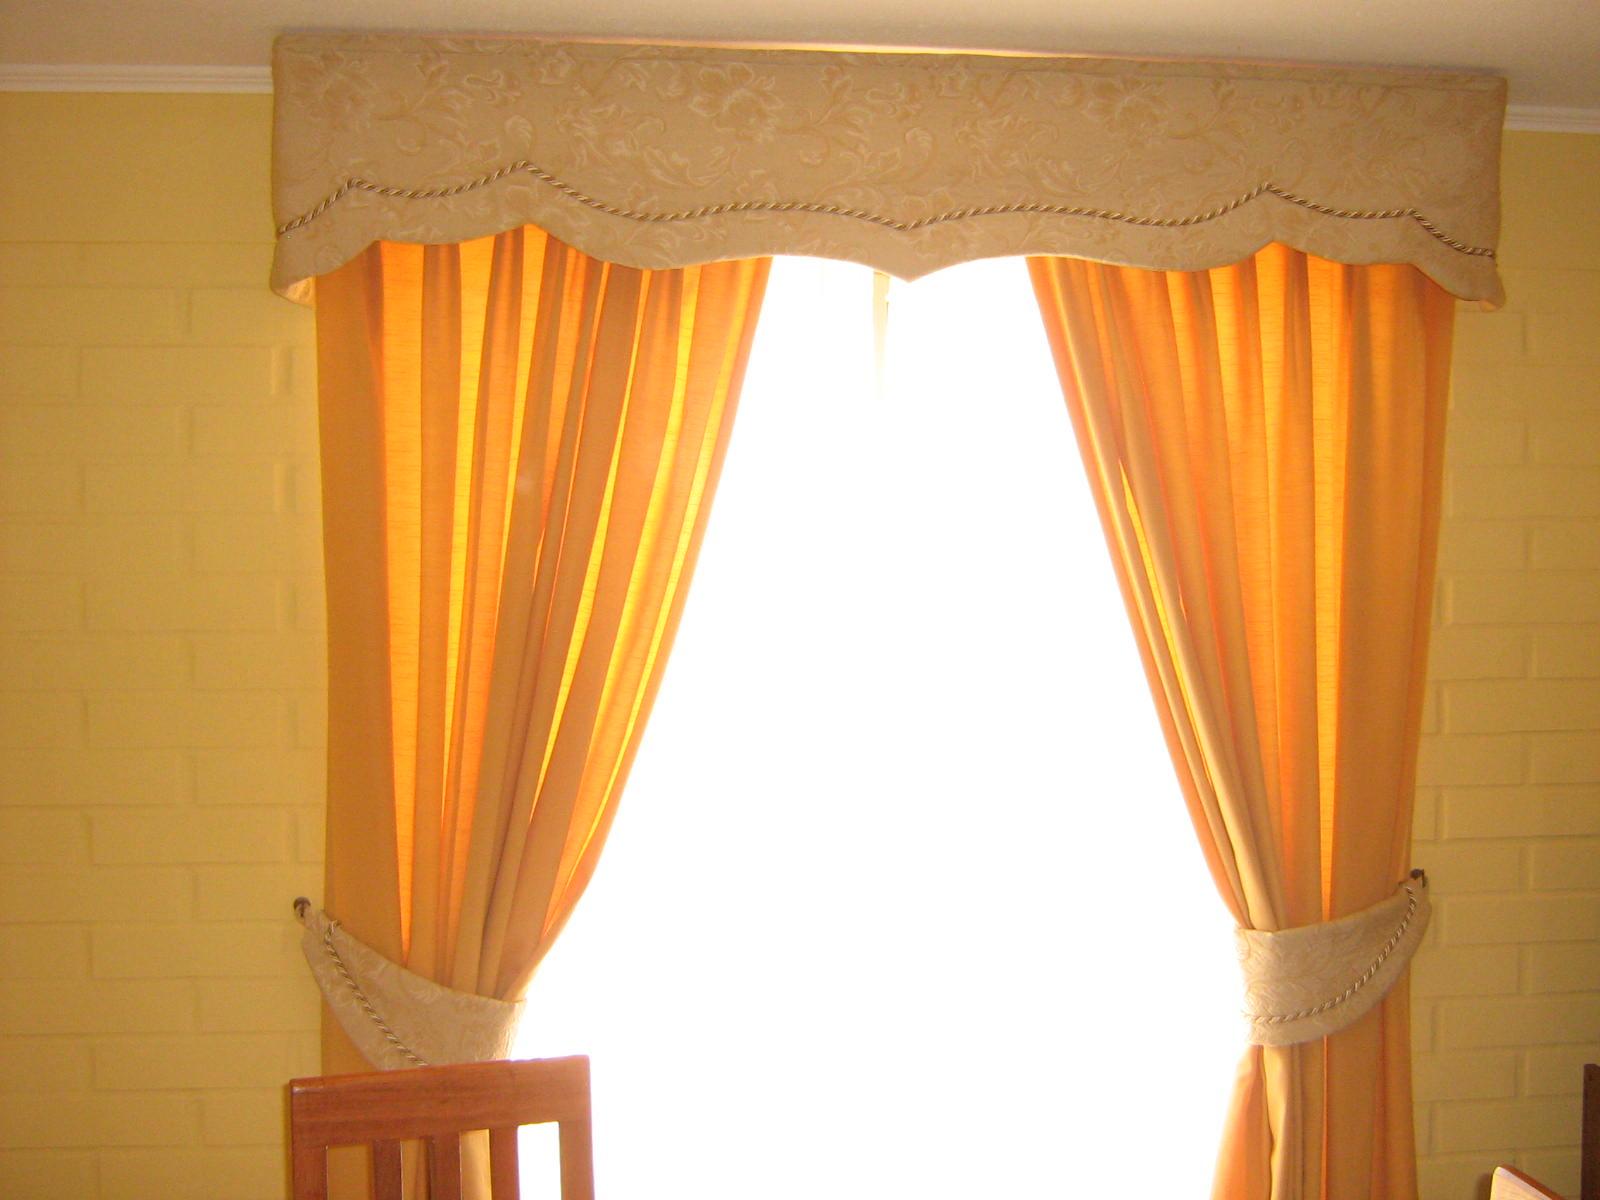 El mejor cortinaje al mas bajo precio cortinas for Ganchos para cortinas de madera